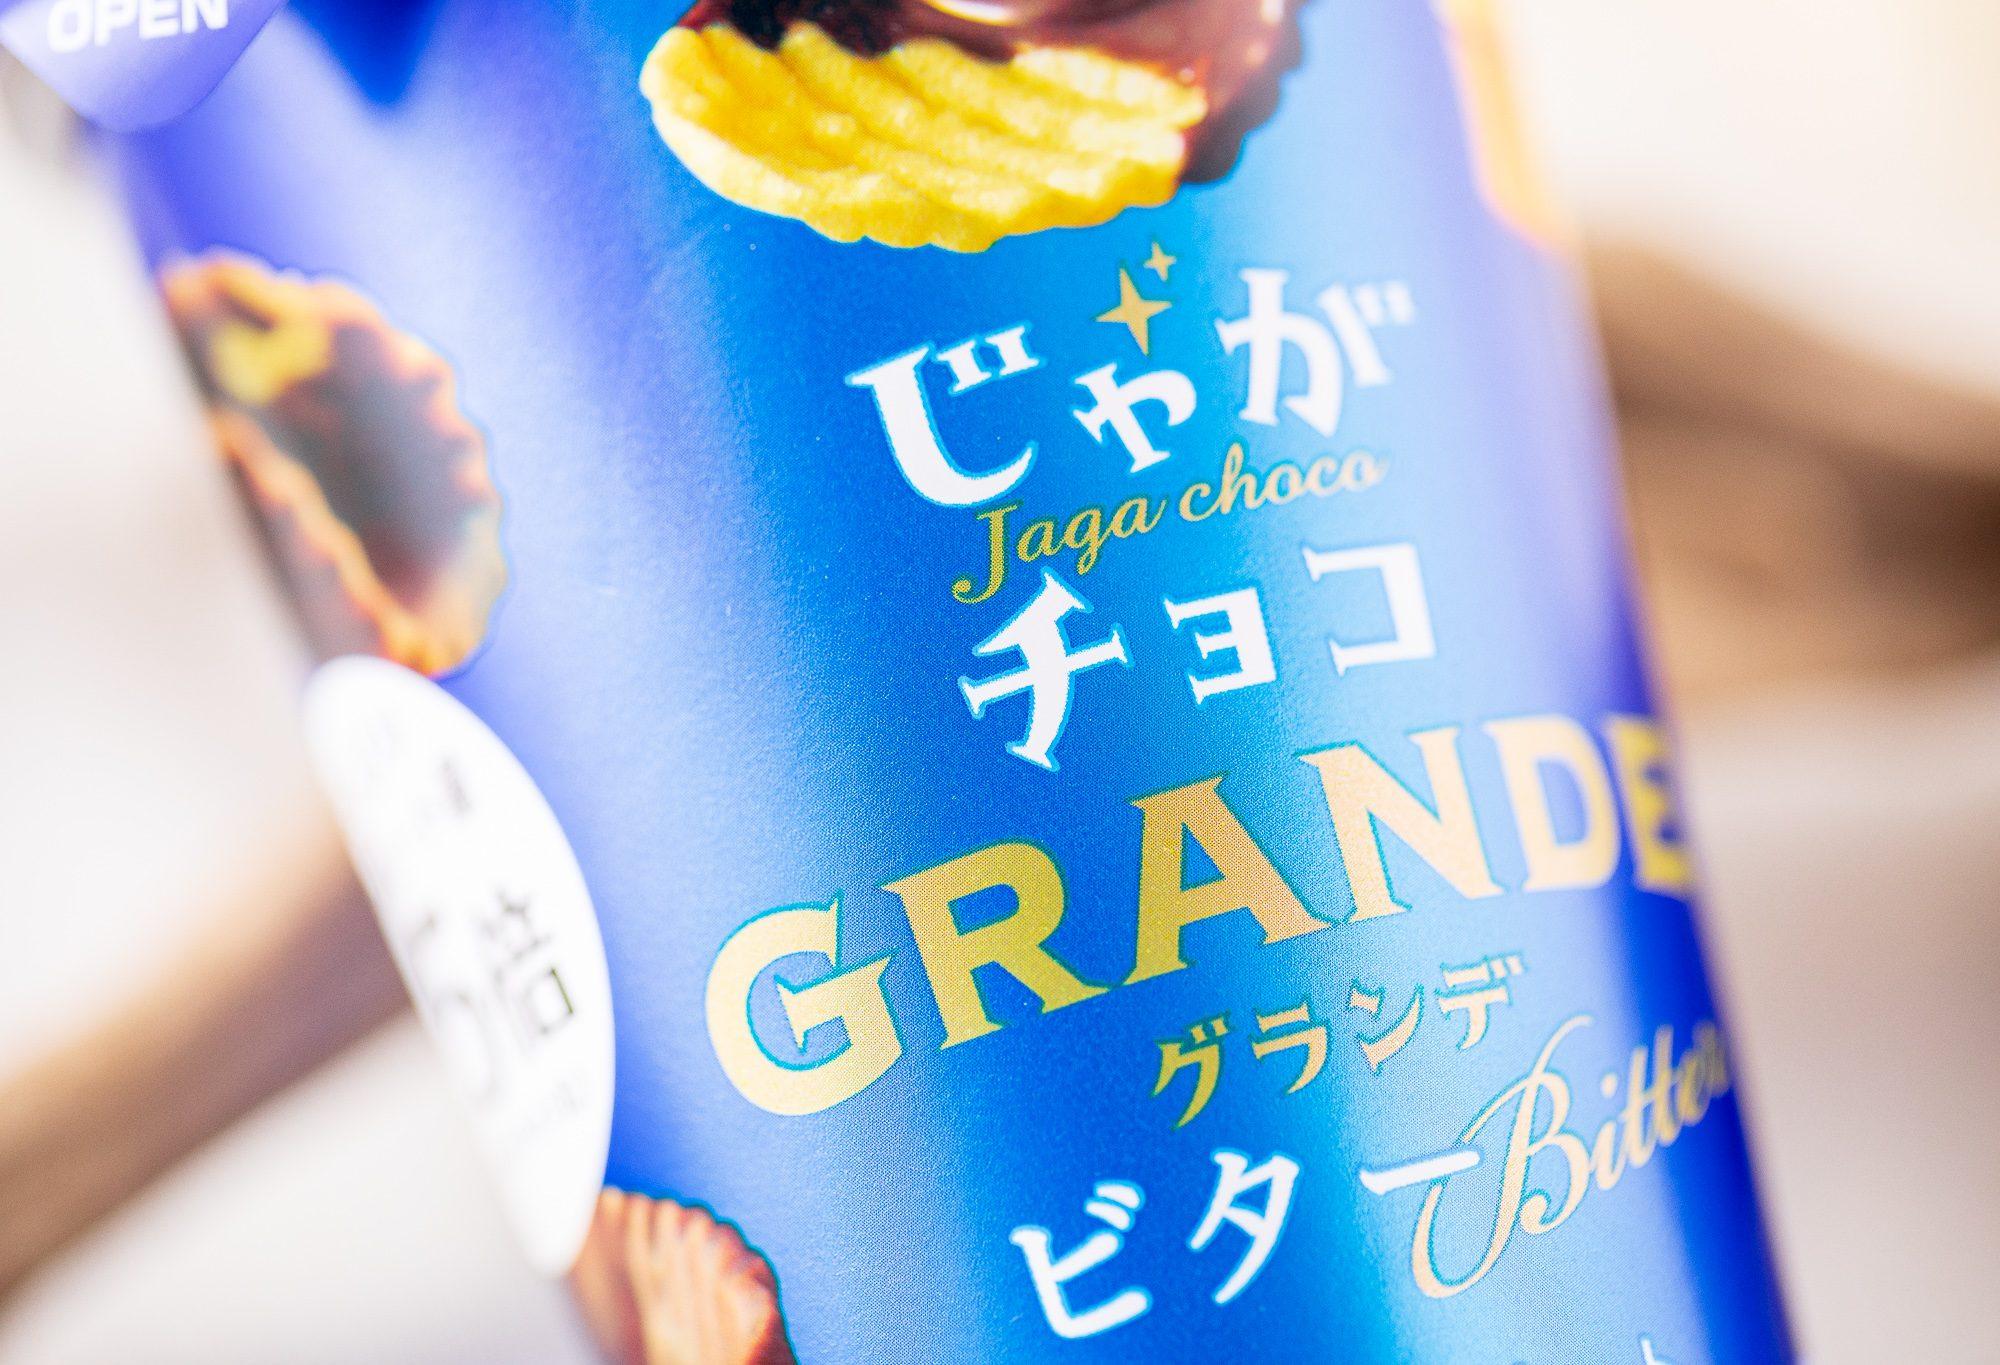 ブルボン『じゃがチョコグランデビター』は惜しみなくかけられたビターチョコレートと波型ポテトスナックが相性抜群な贅沢チョコレート菓子!